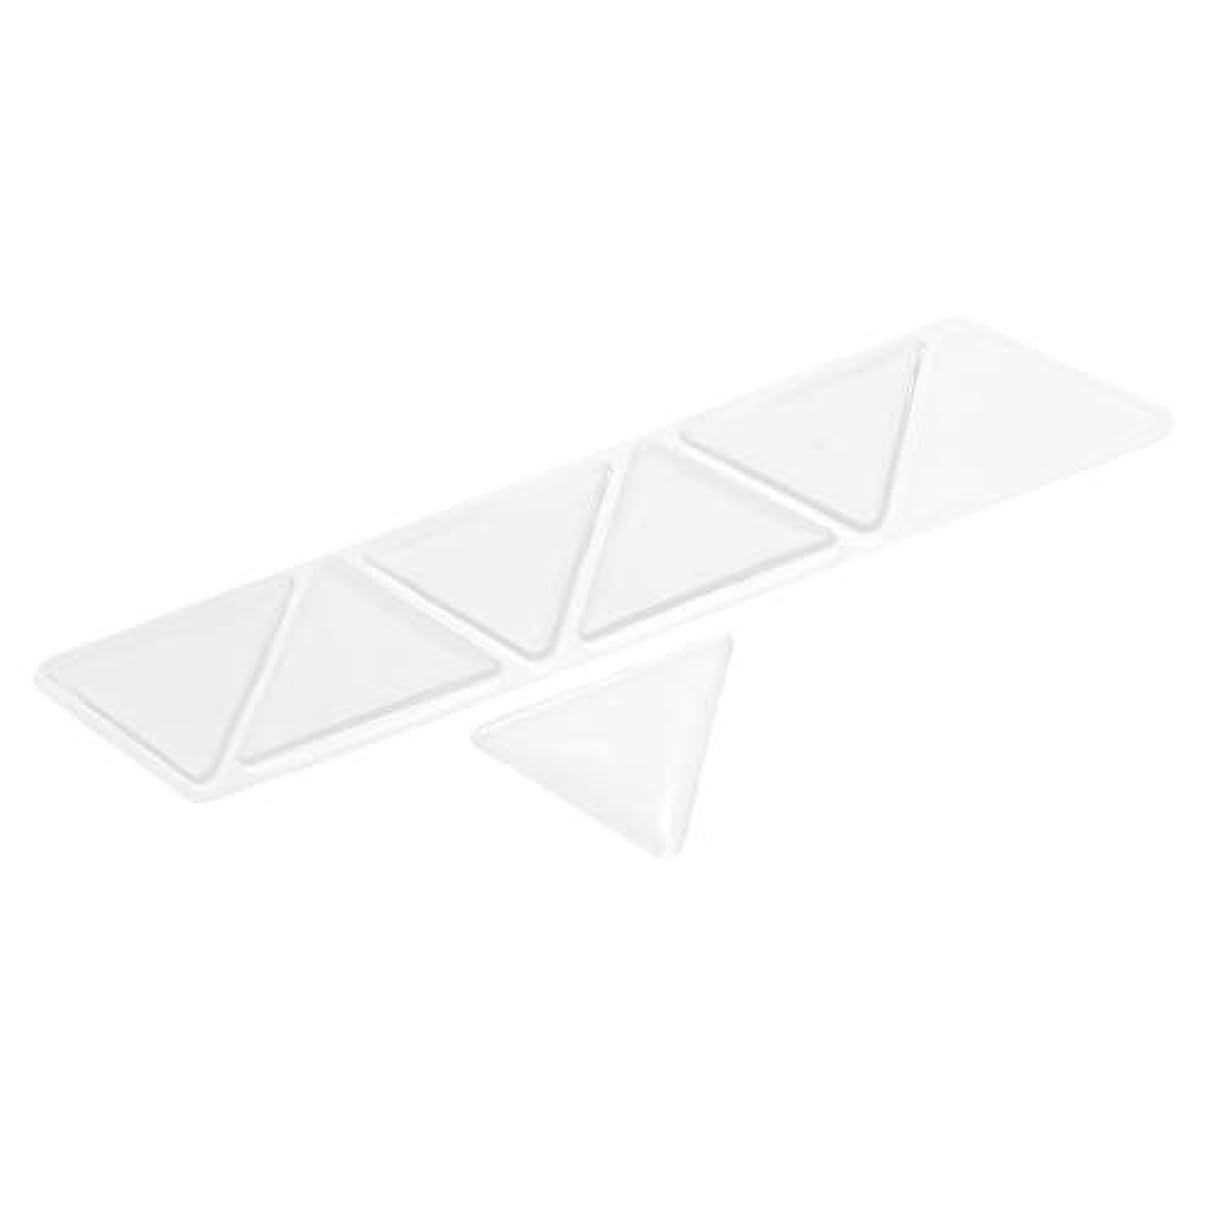 広告スムーズにスムーズにdailymall 額 パッド アンチリンクル シリコーン パッチスキンケア 三角パッド 4.5×4cm 6個入